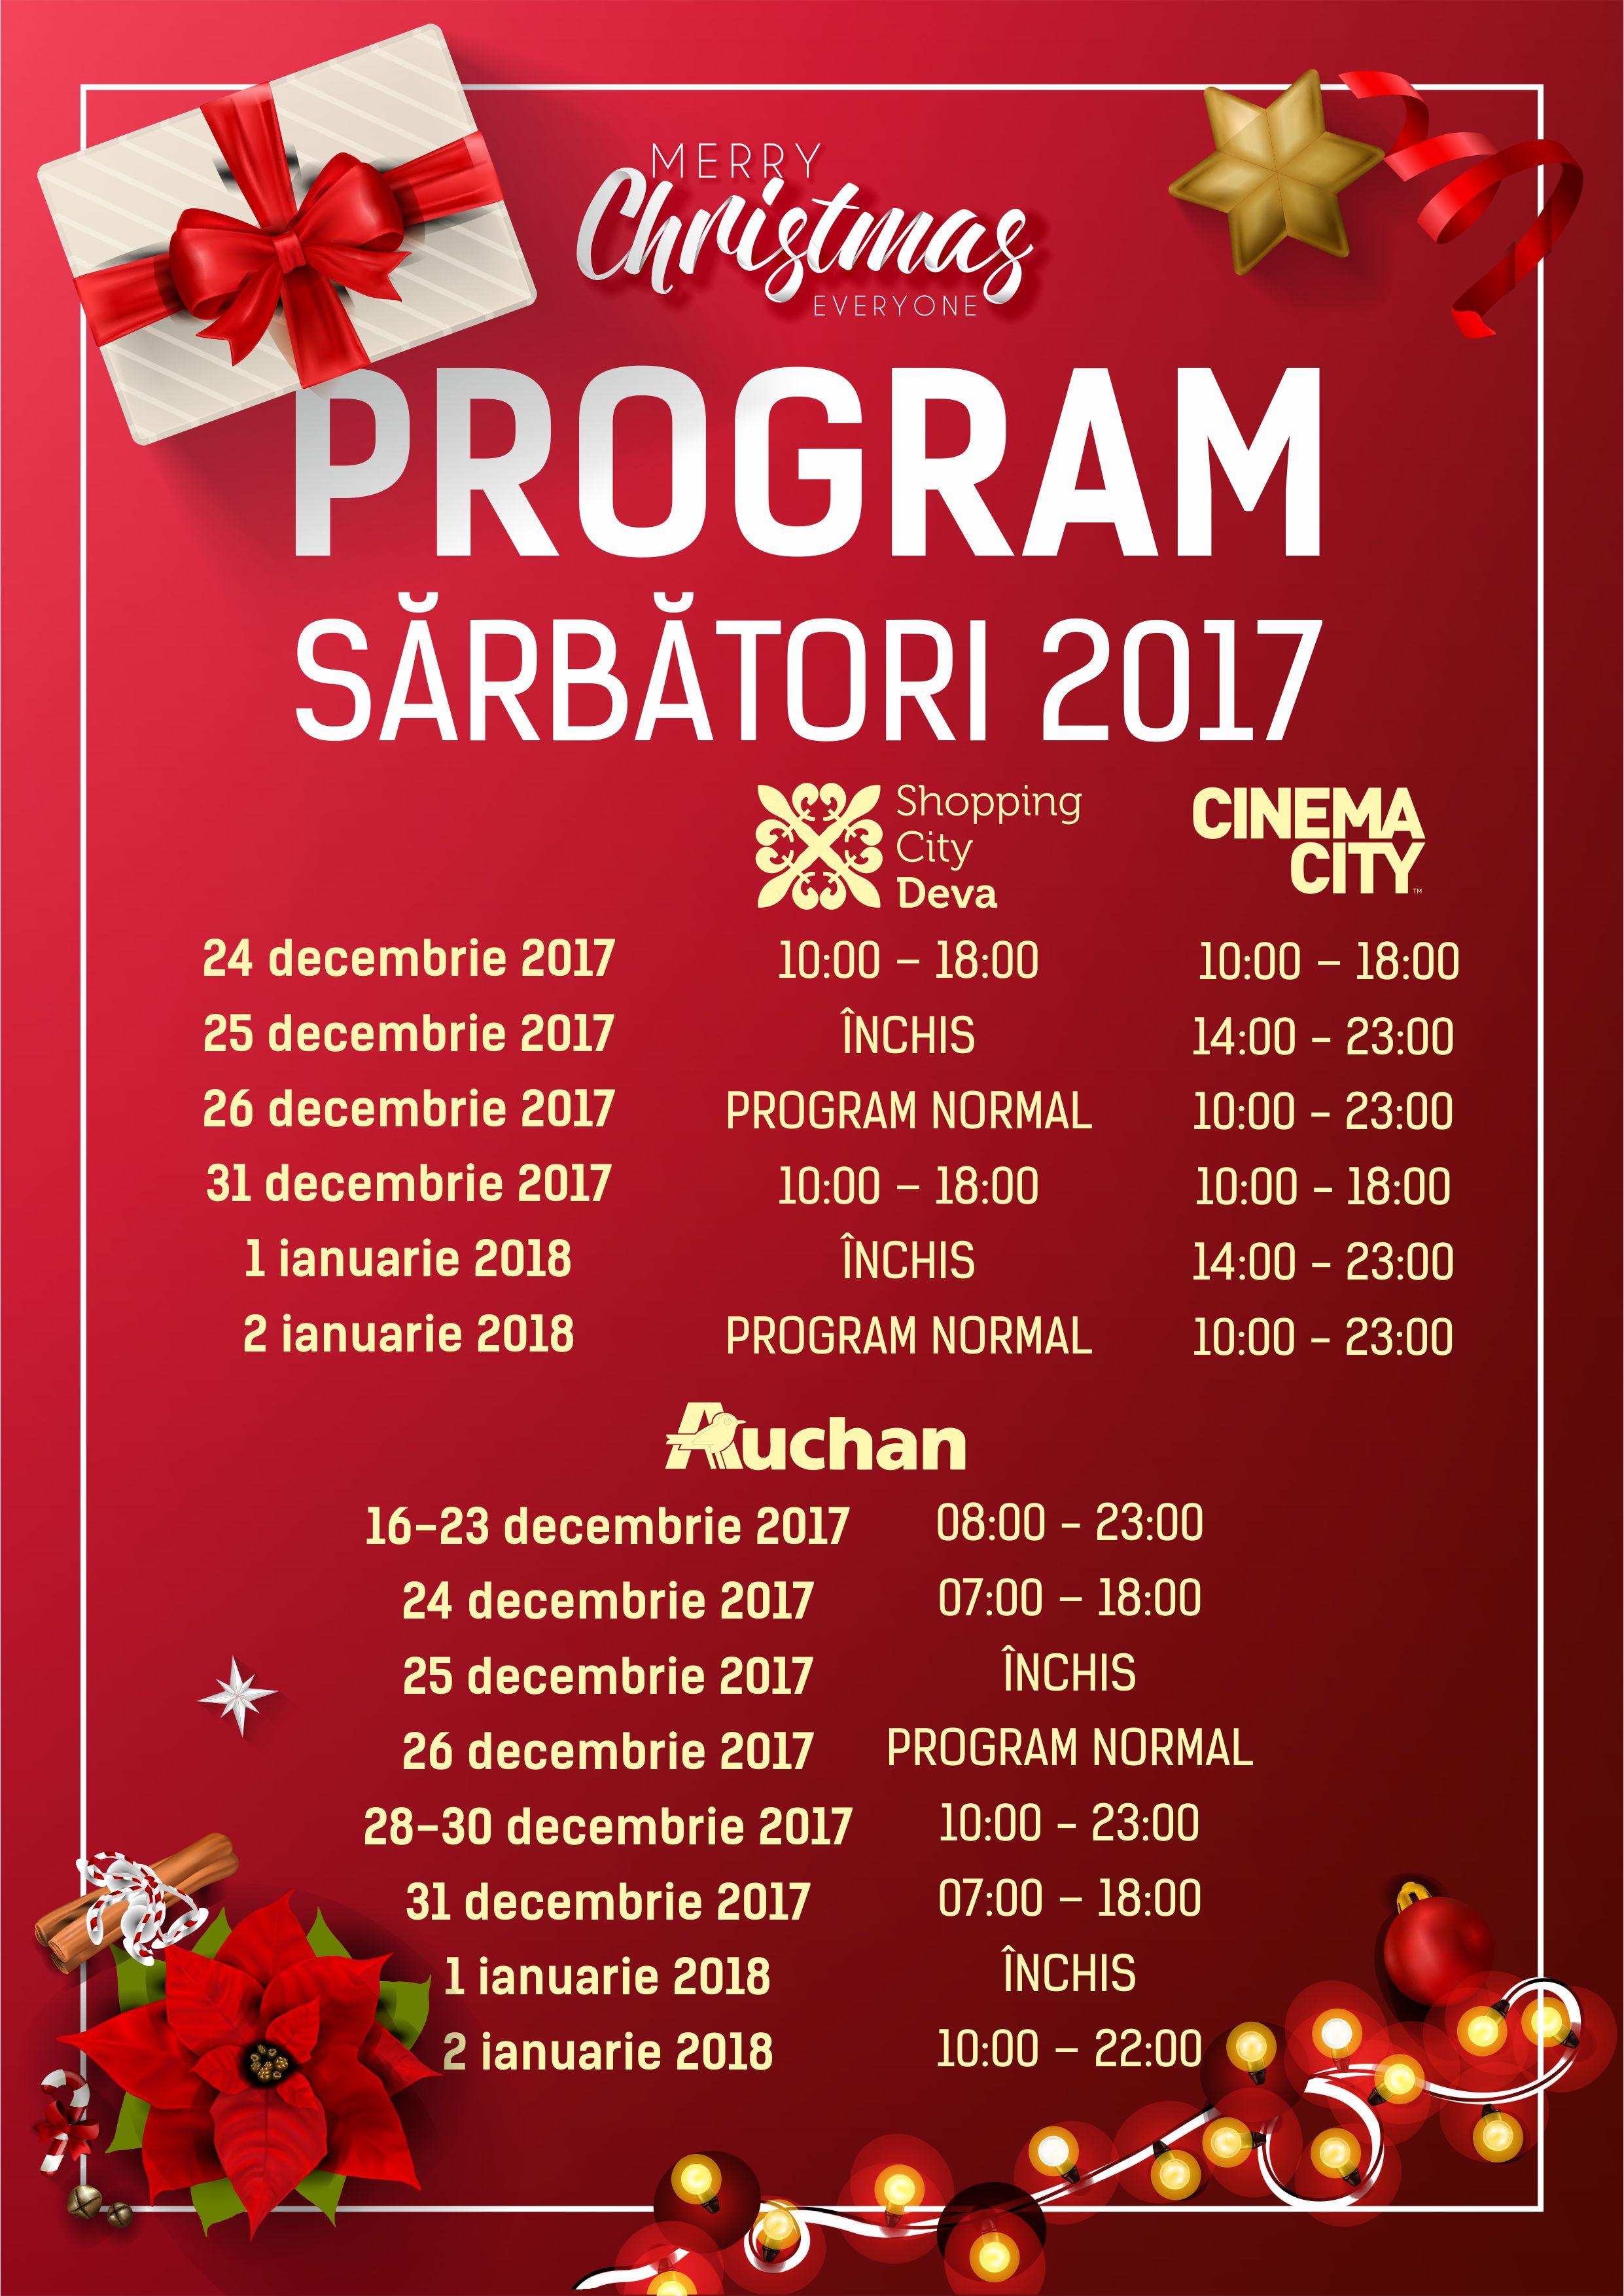 program-sarbatori-A4-SCD